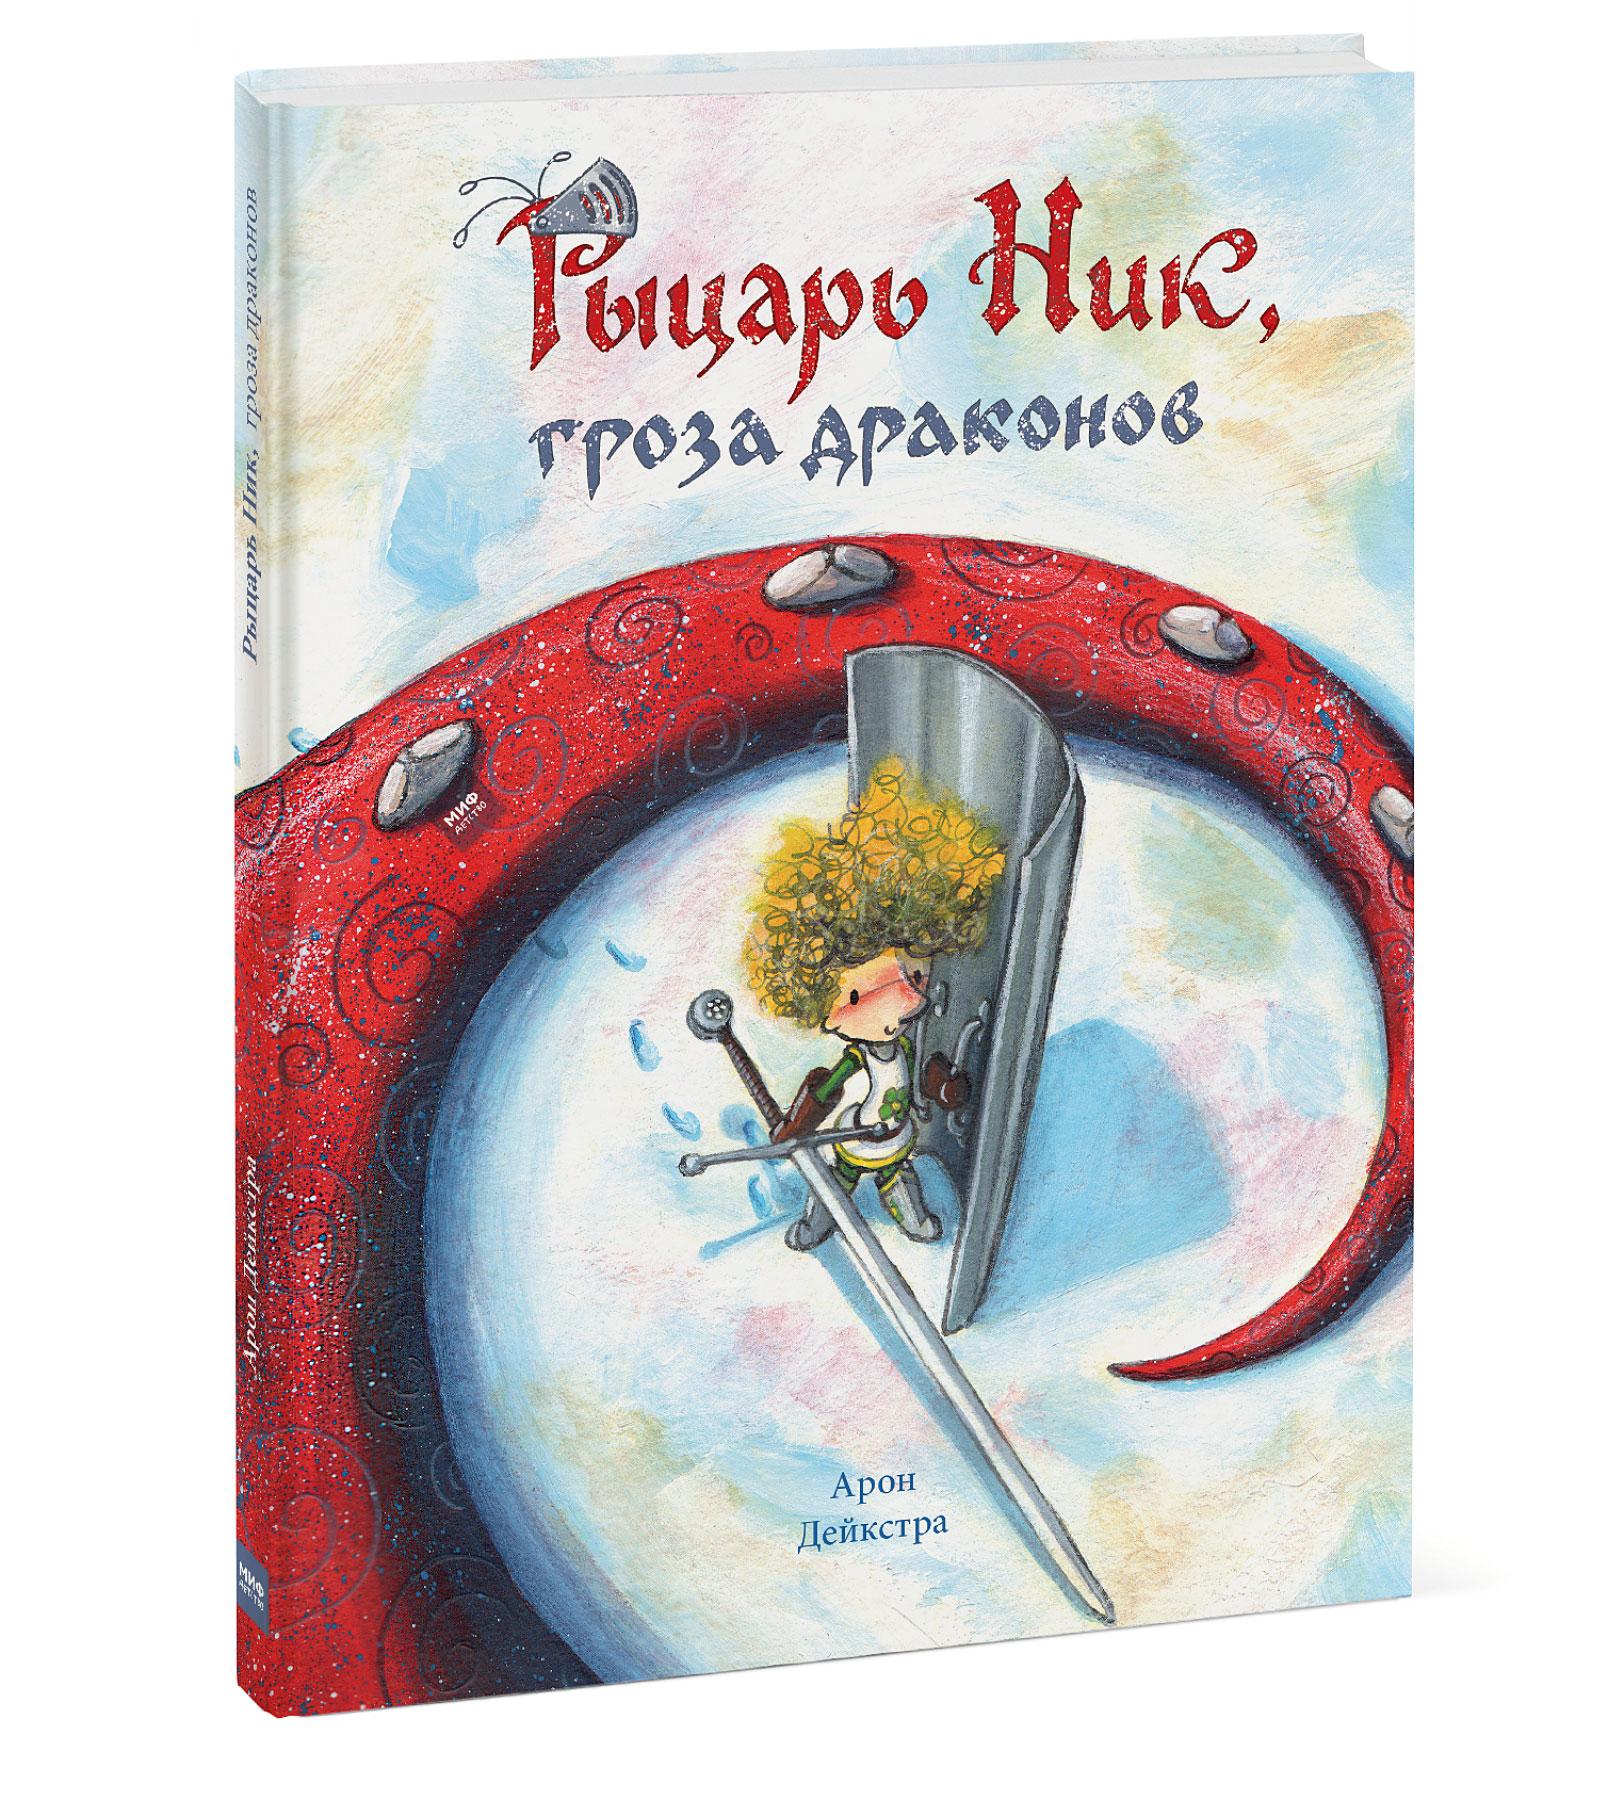 Арон Дейкстра Рыцарь Ник, гроза драконов ISBN: 978-5-00117-422-6